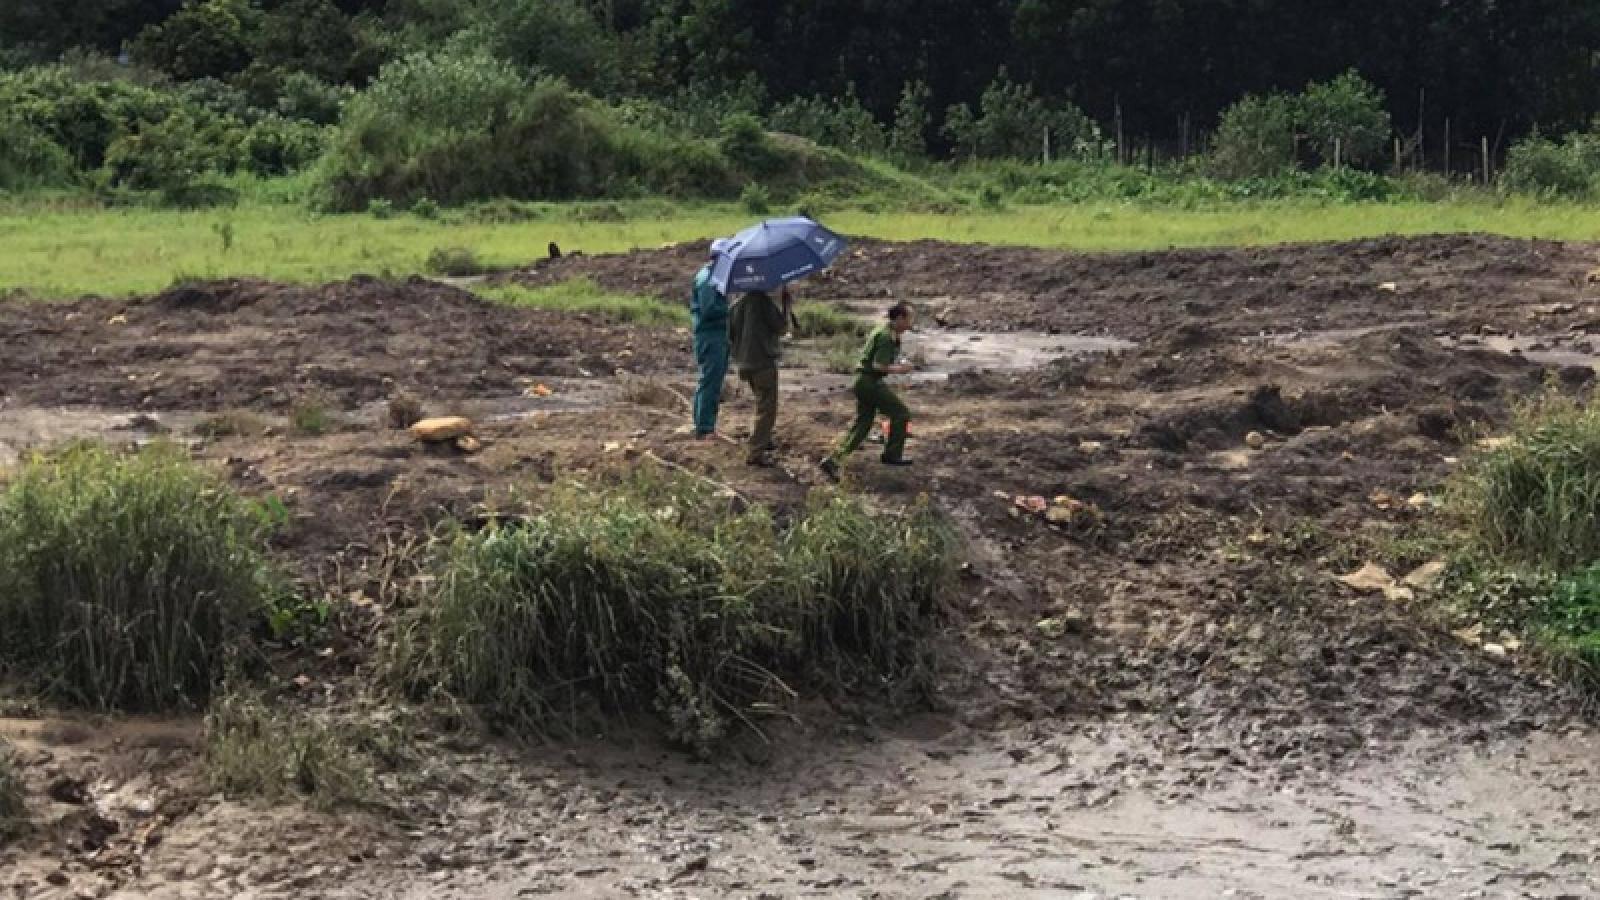 Đi câu cá cùng người thân, 2 cháu bé ở Bình Dương bị đuối nước